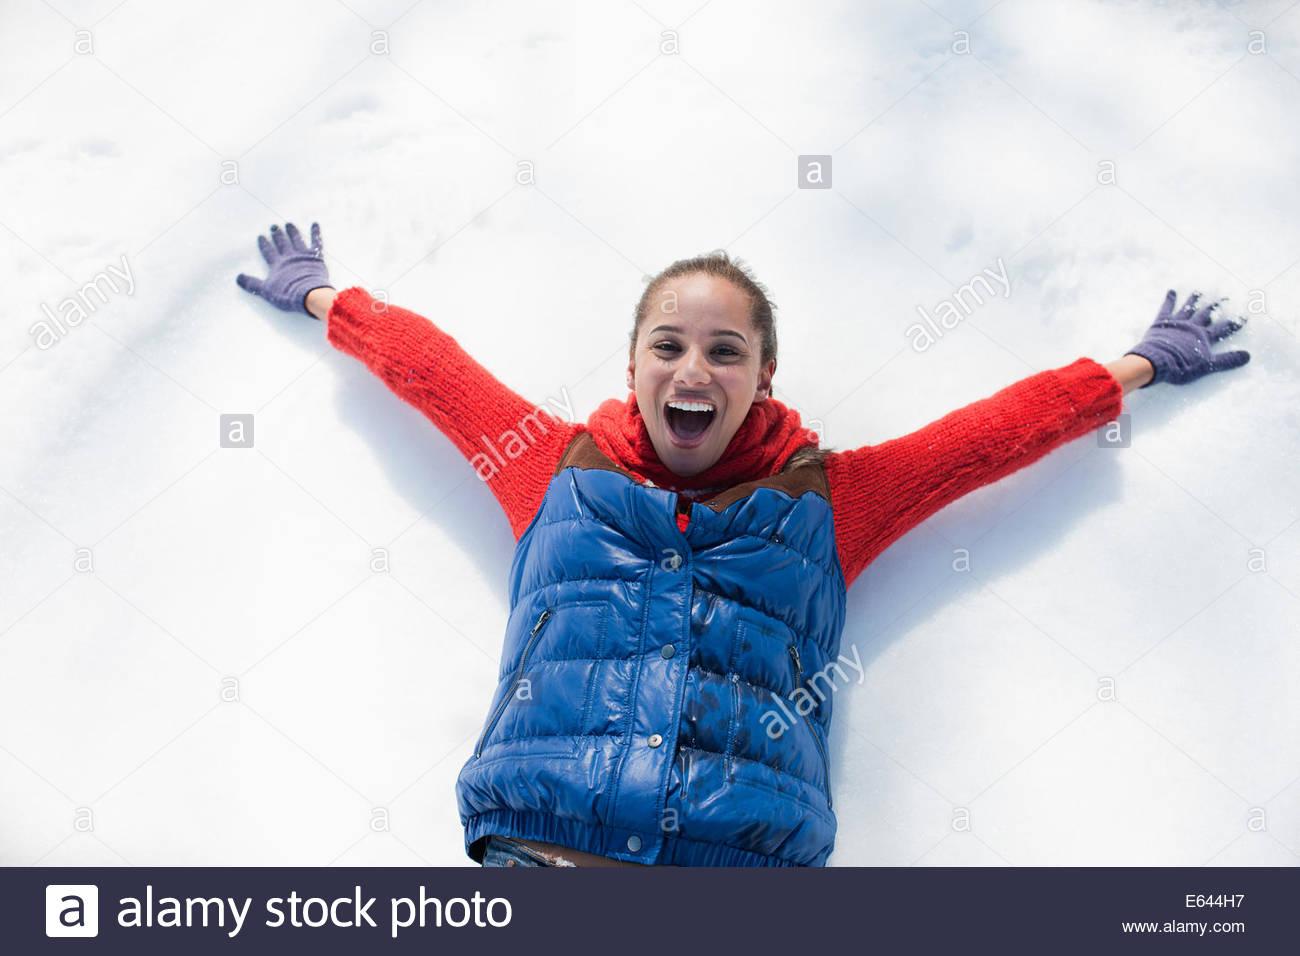 Donna sorridente rendendo gli angeli di neve Immagini Stock